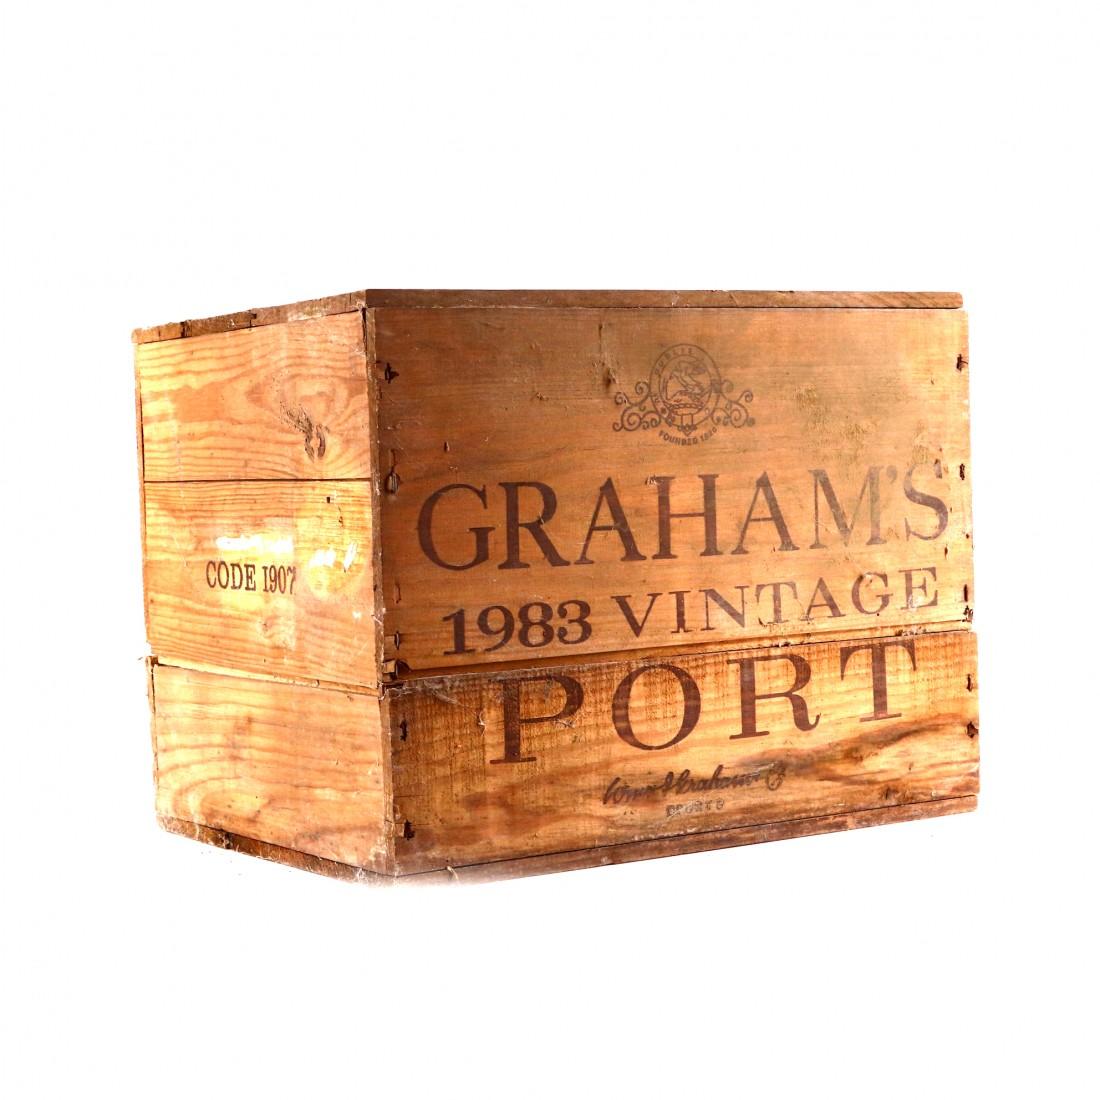 Graham's 1983 Vintage Port 8x75cl / OWC